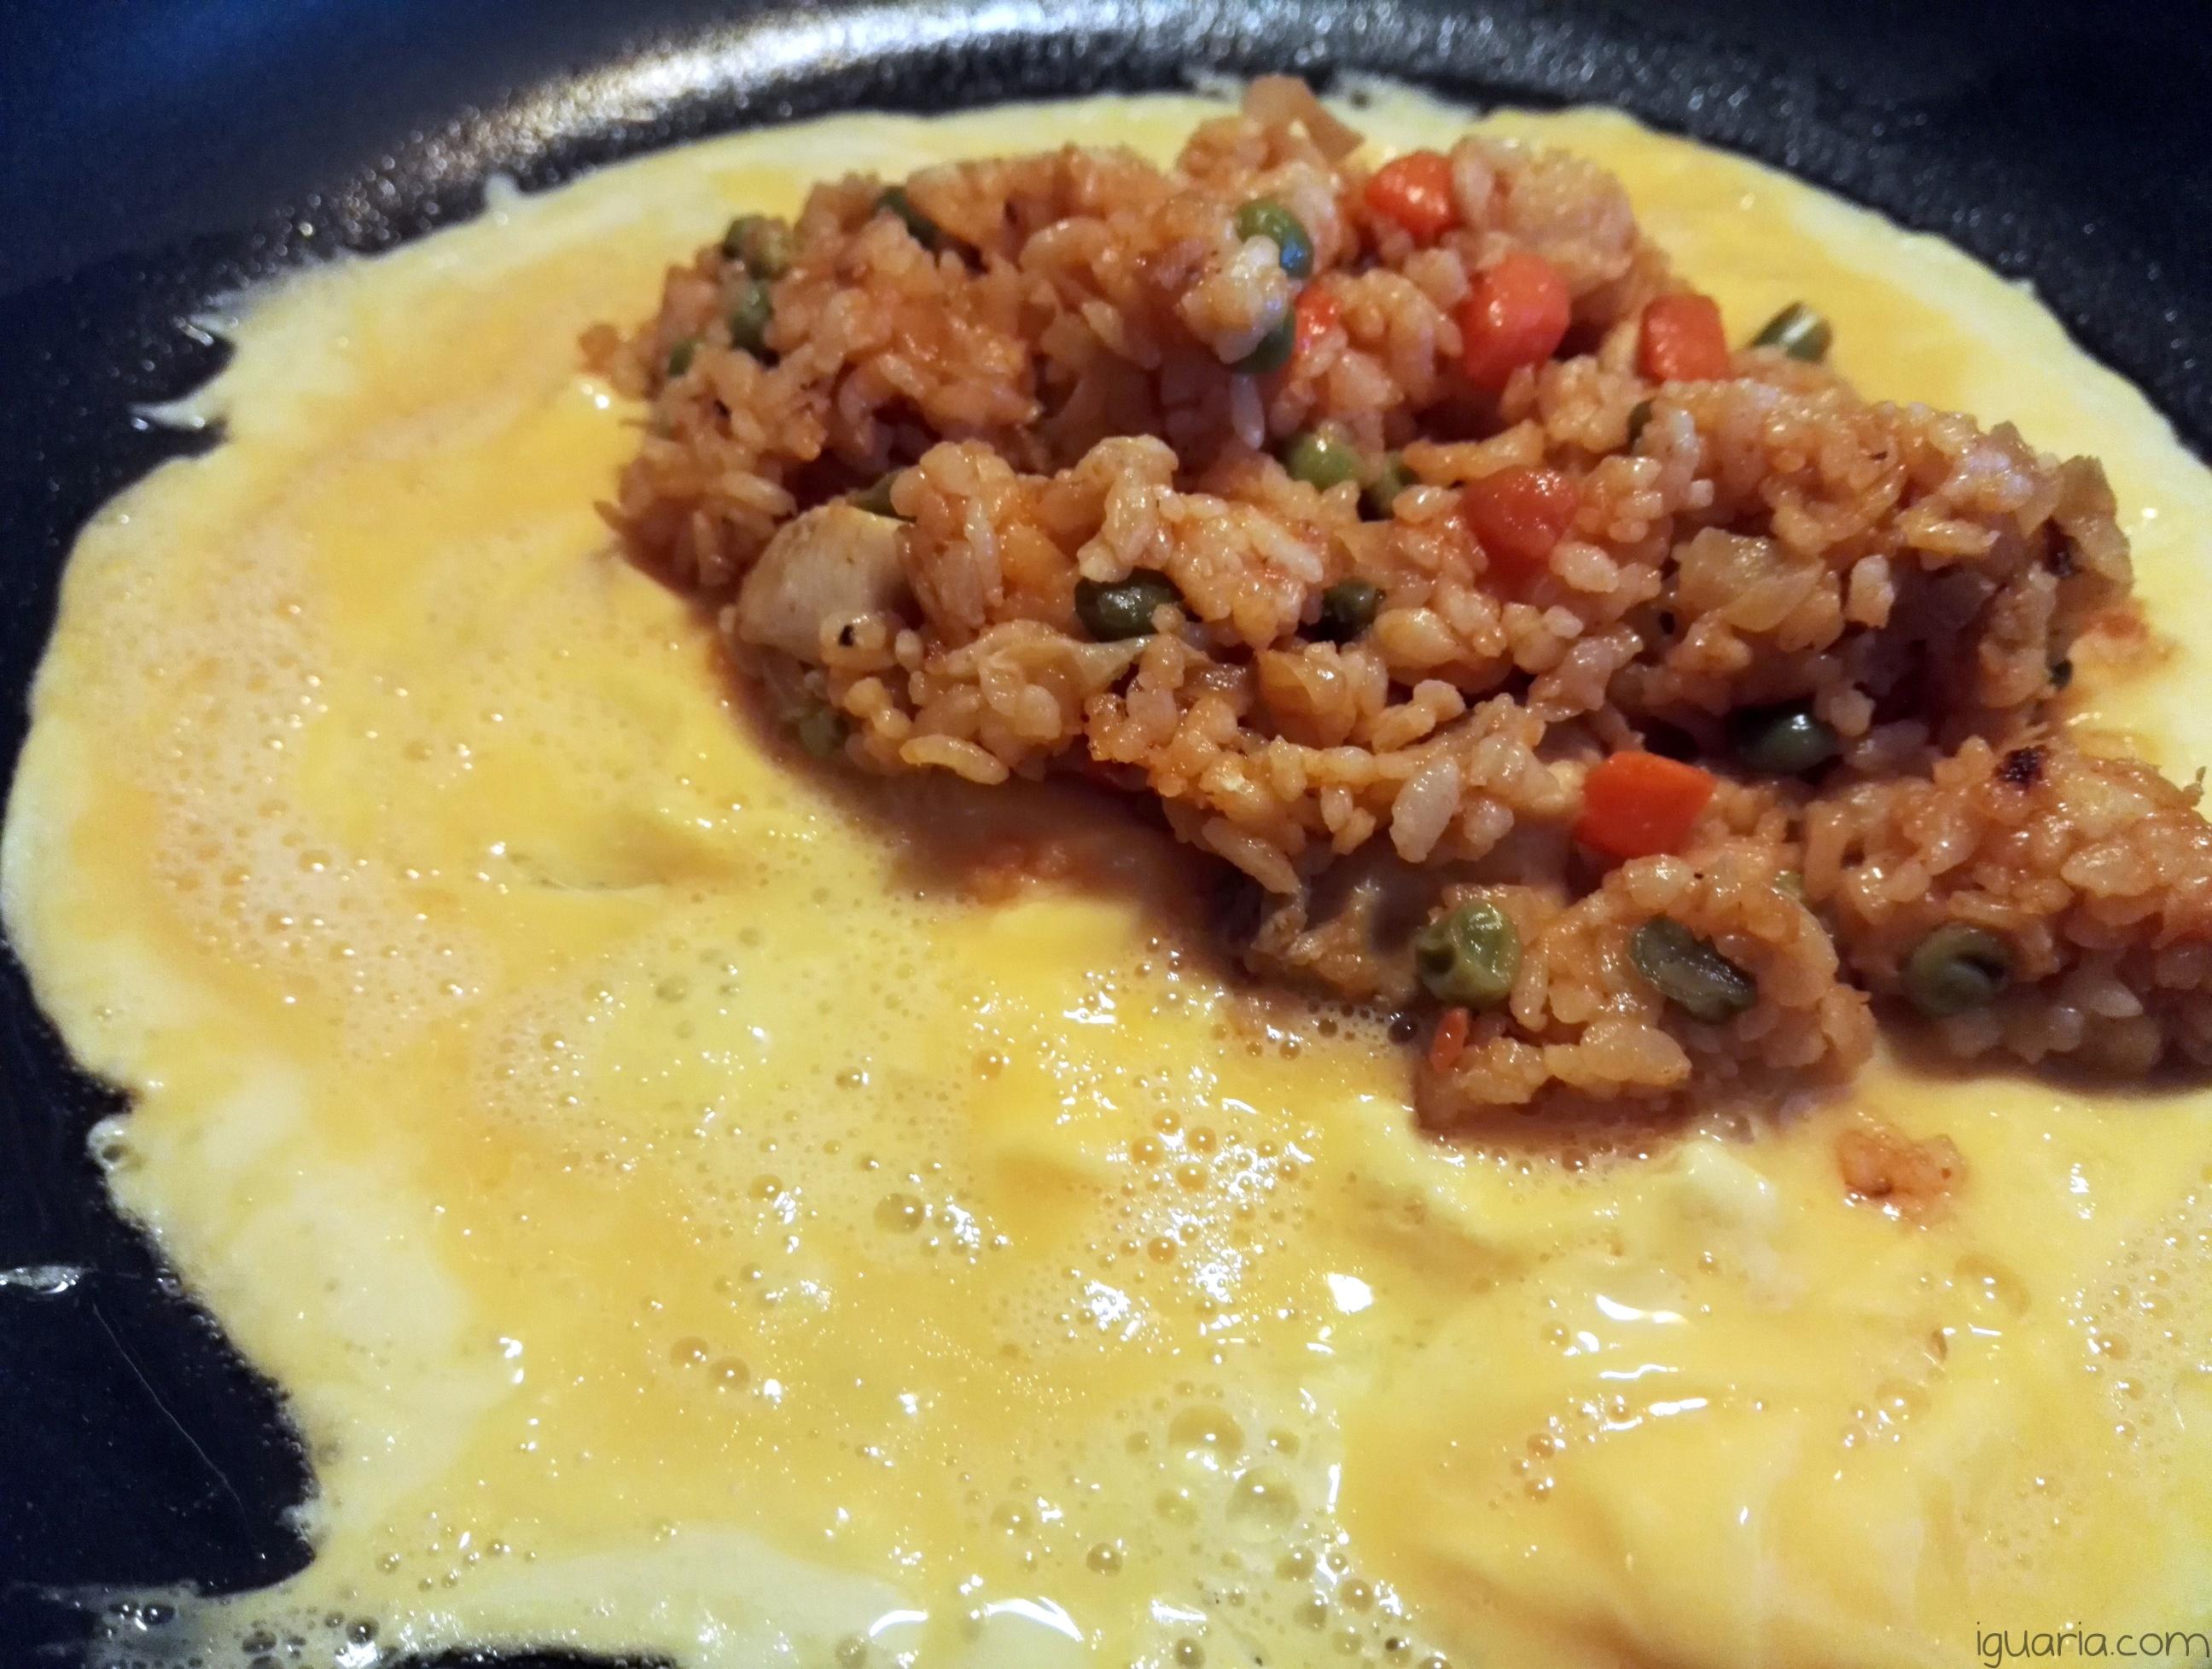 iguaria-dispor-arroz-em-cima-ovo